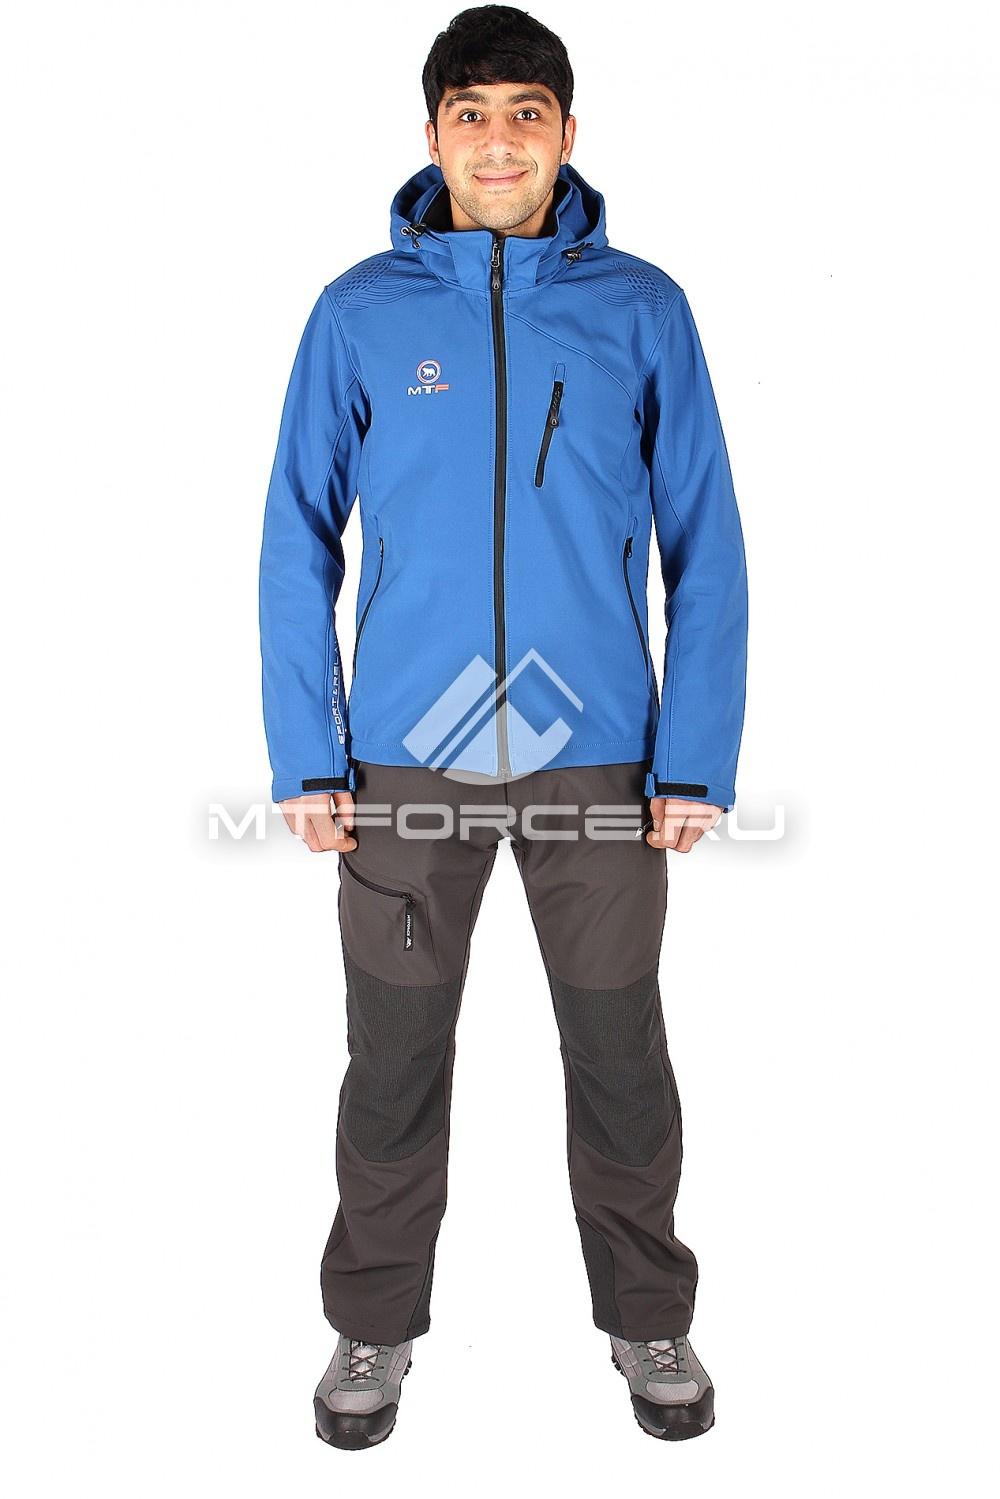 Купить                                  оптом Костюм виндстопер мужской голубого цвета  01504_1Gl